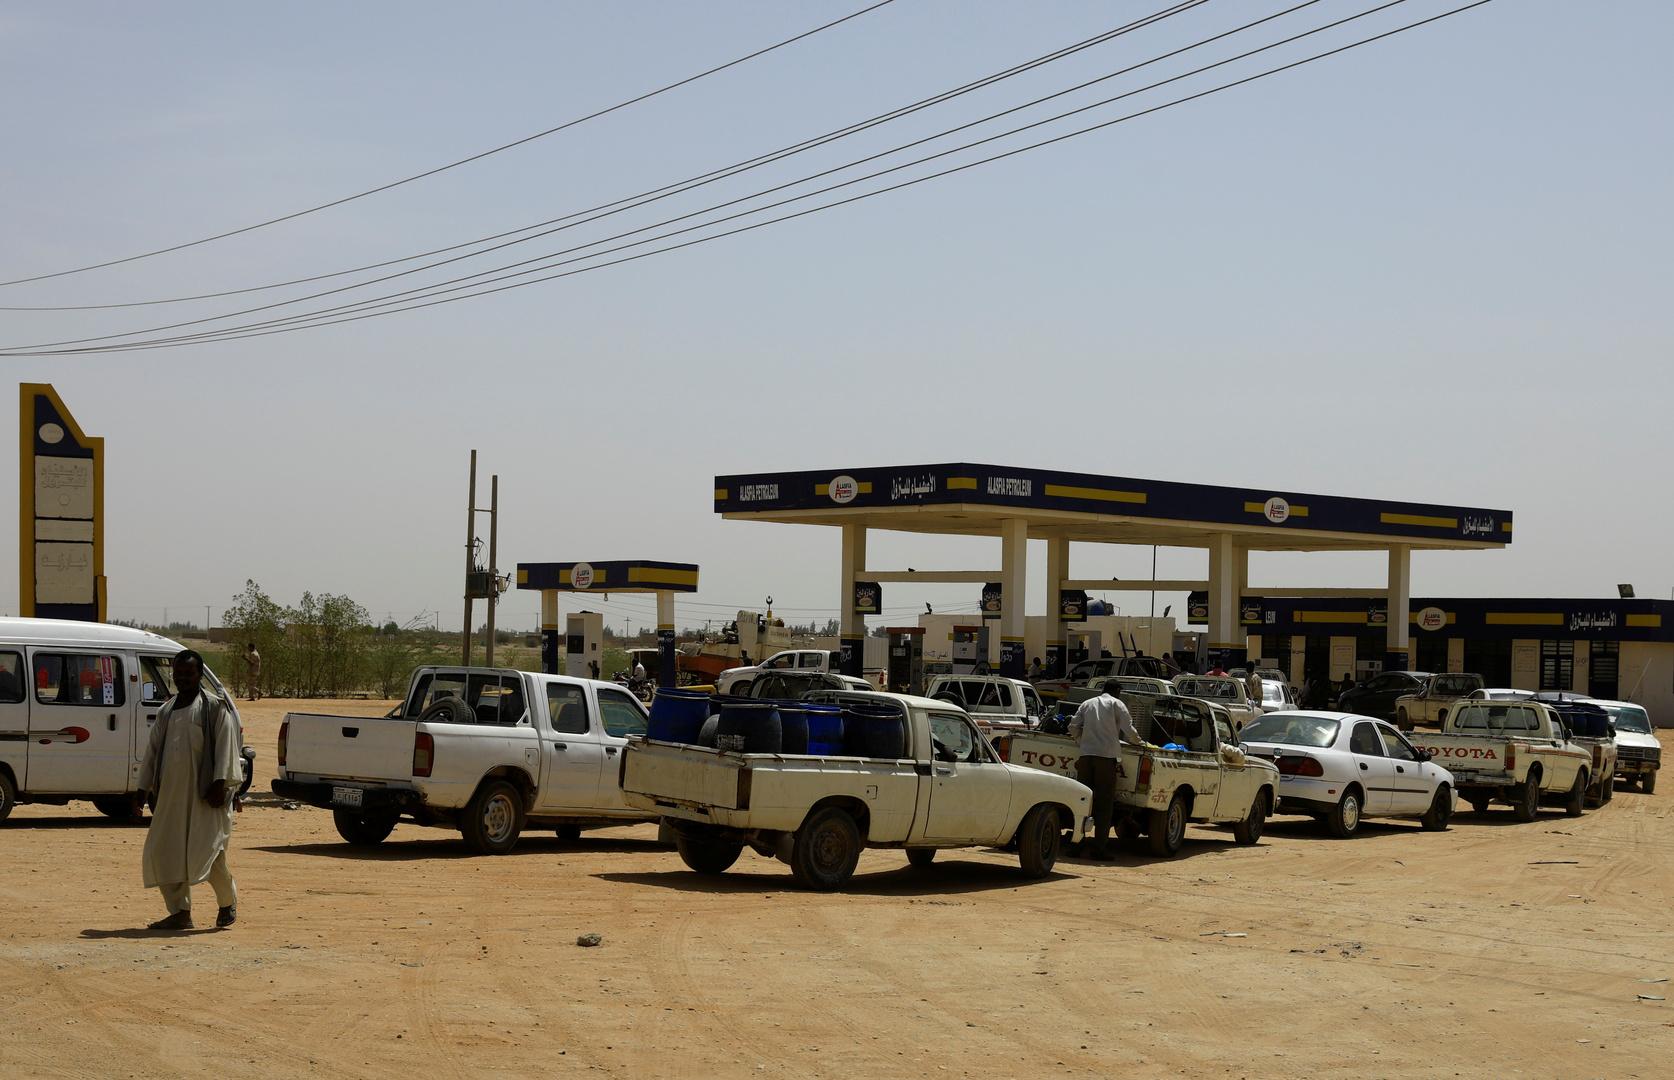 السودان: لن نرفع الدعم عن القمح وزيت الوقود وغاز الطهي هذا العام